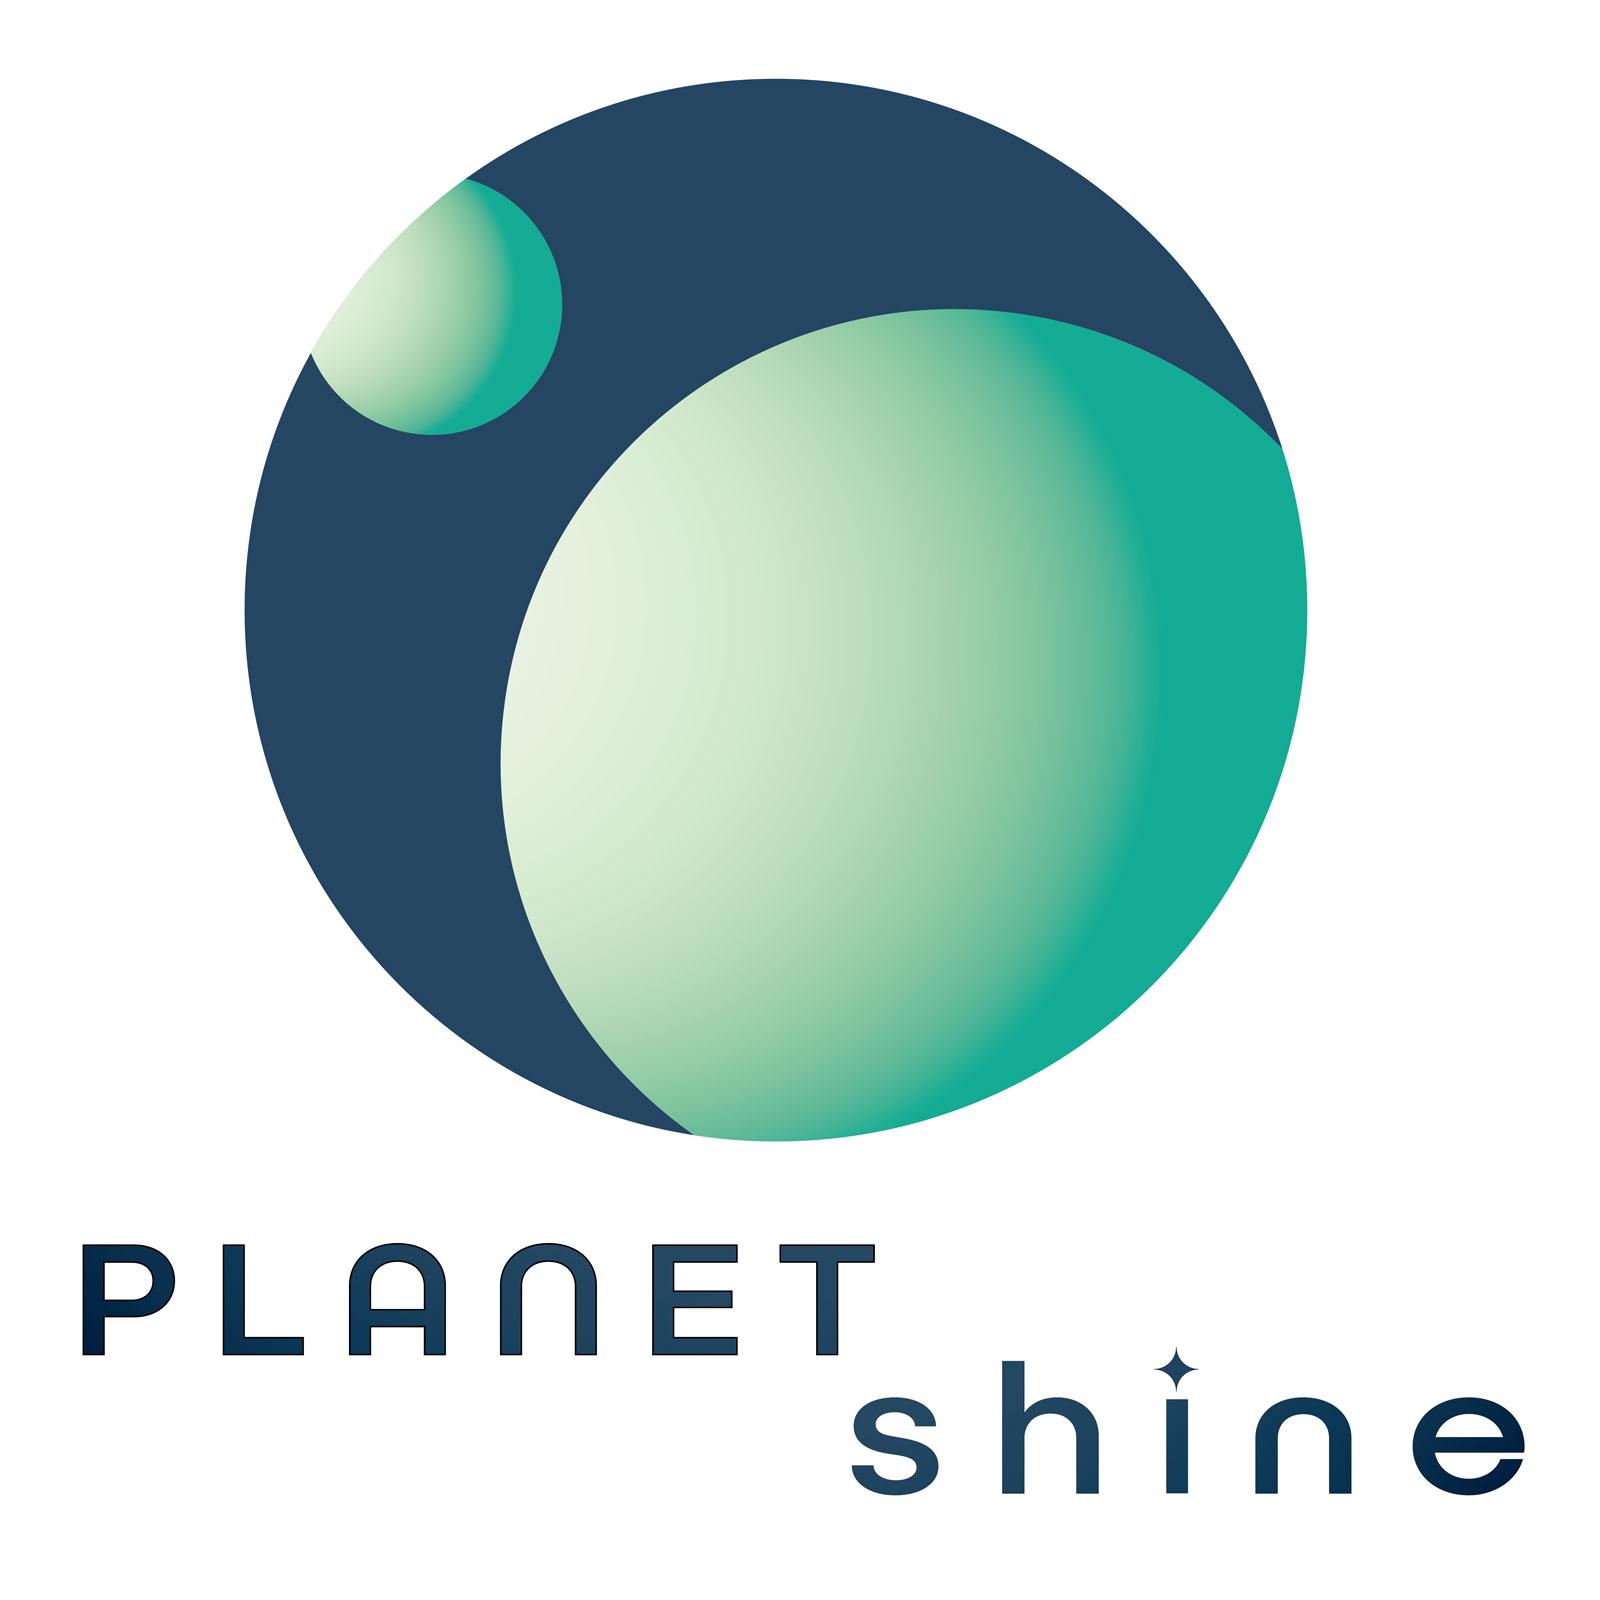 Steven Hoefer's PlanetShine show art